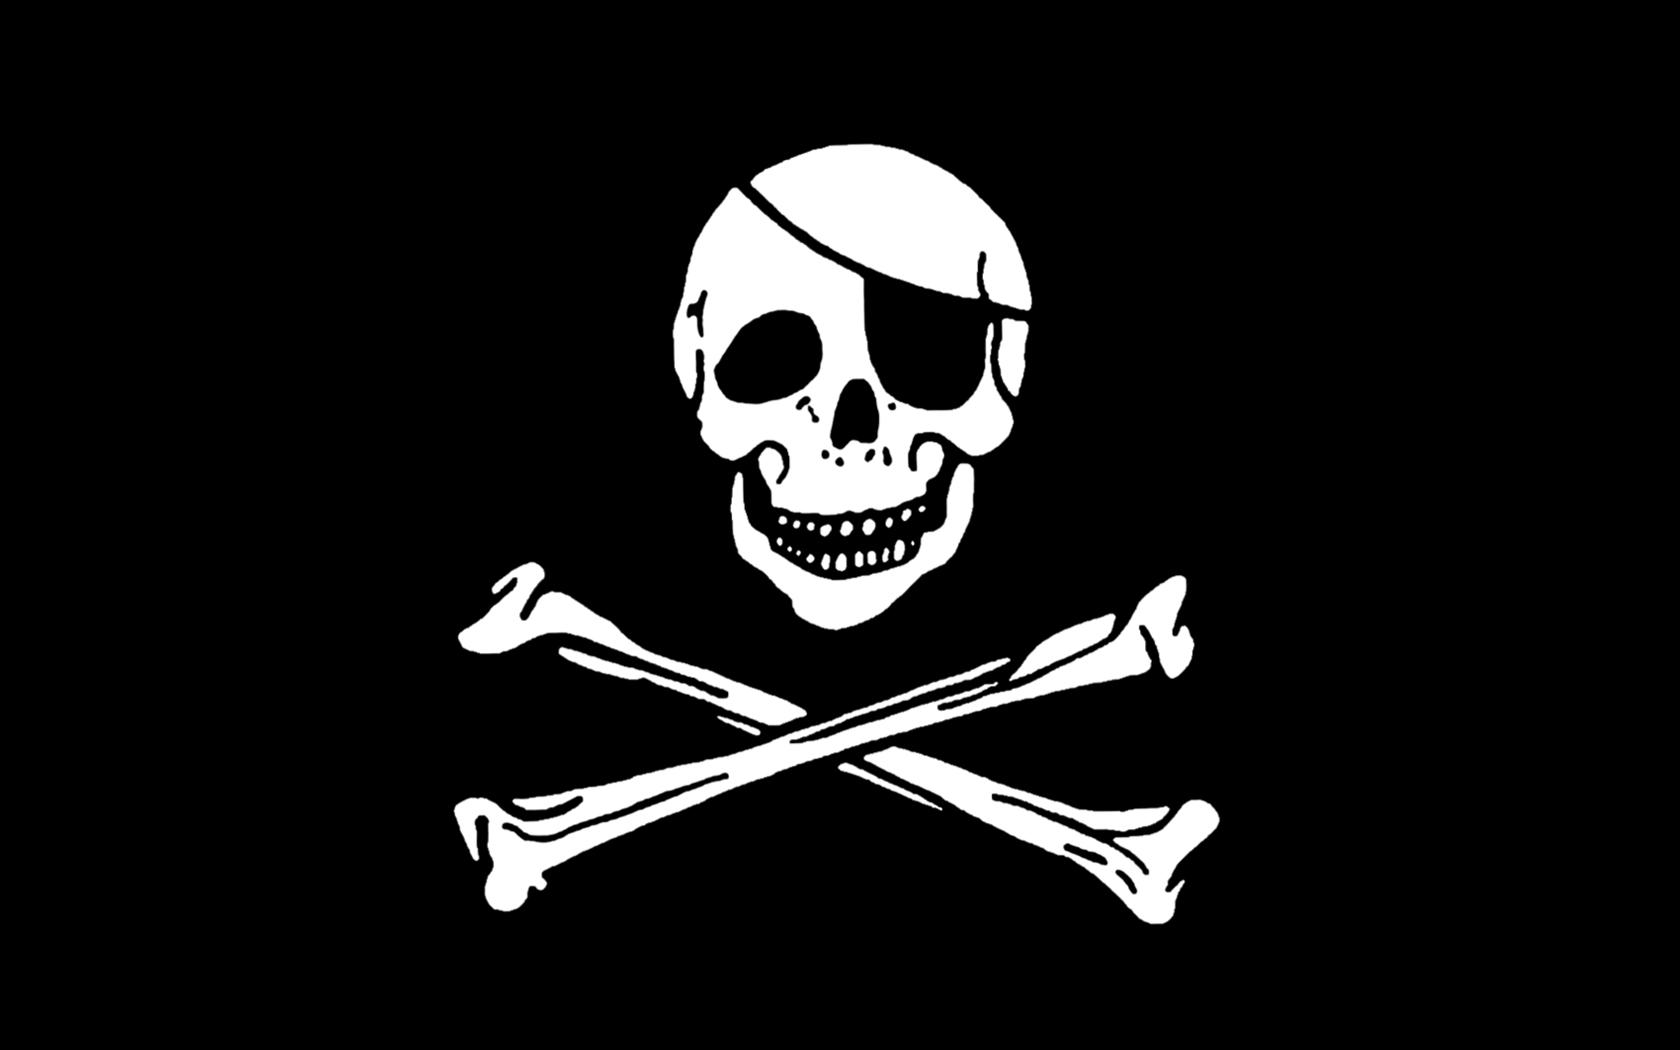 [42+] Pirate Flag Wallpaper on WallpaperSafari